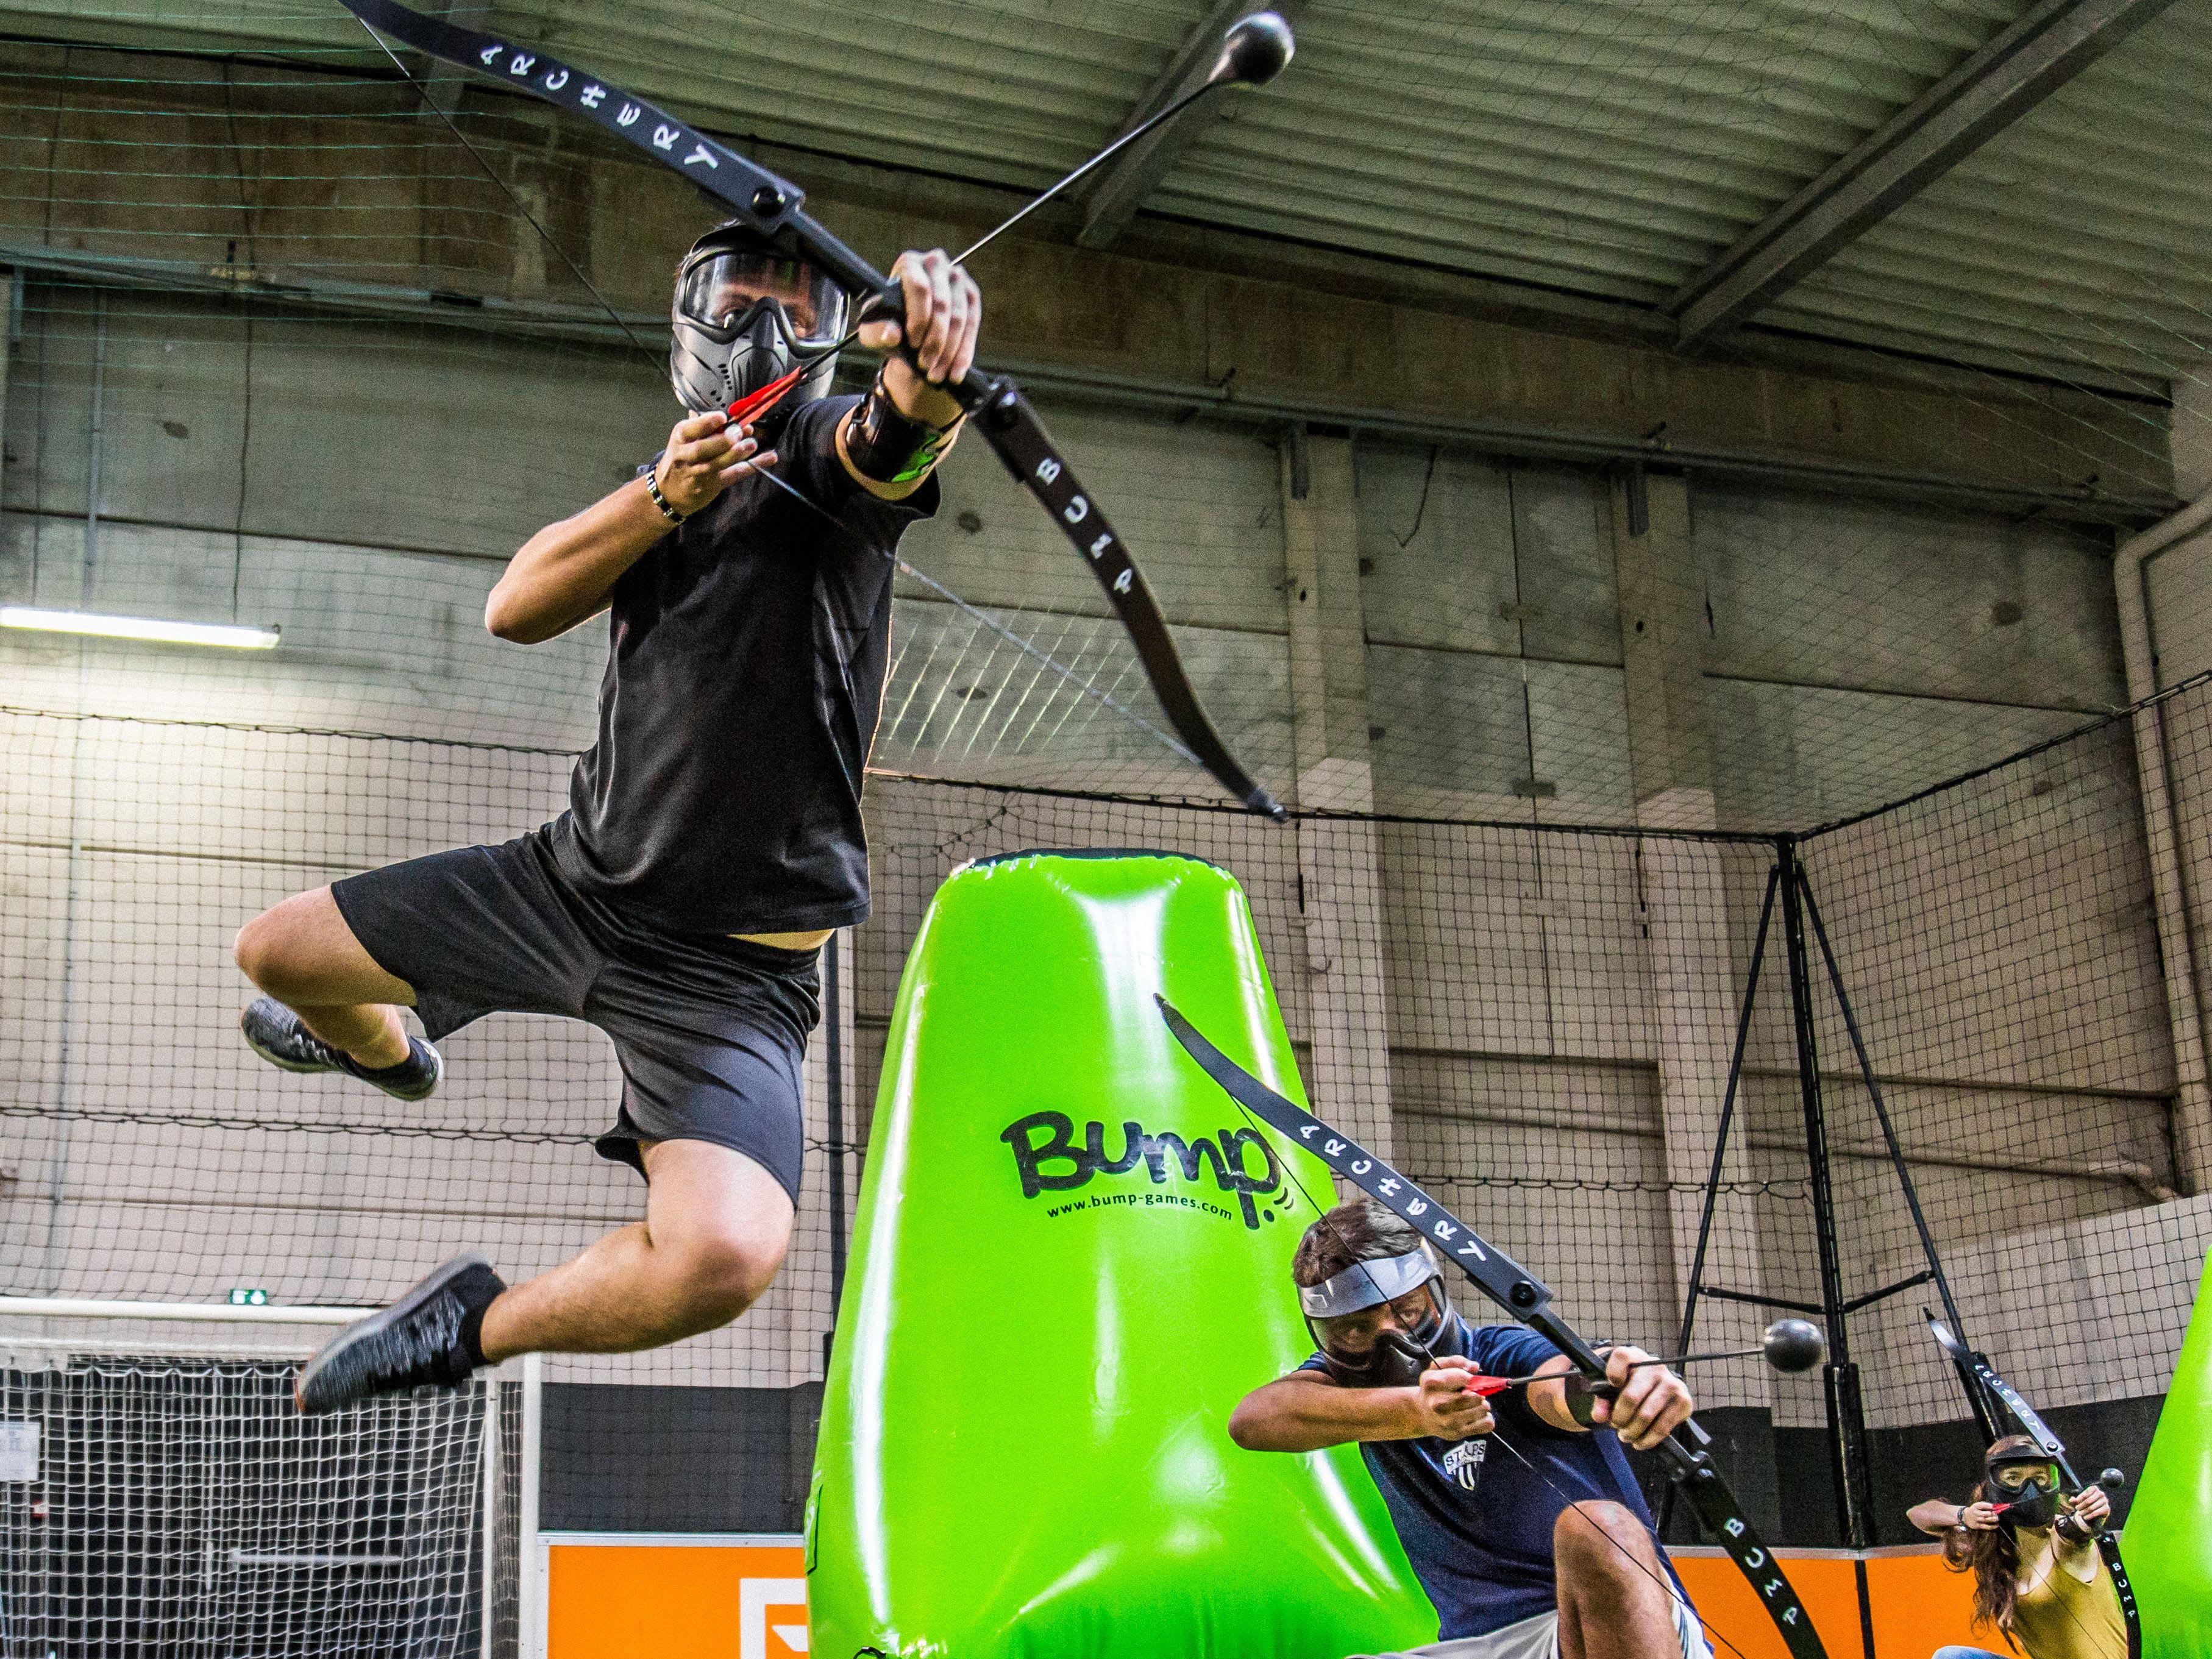 archery tag personne dans les airs avec un arc